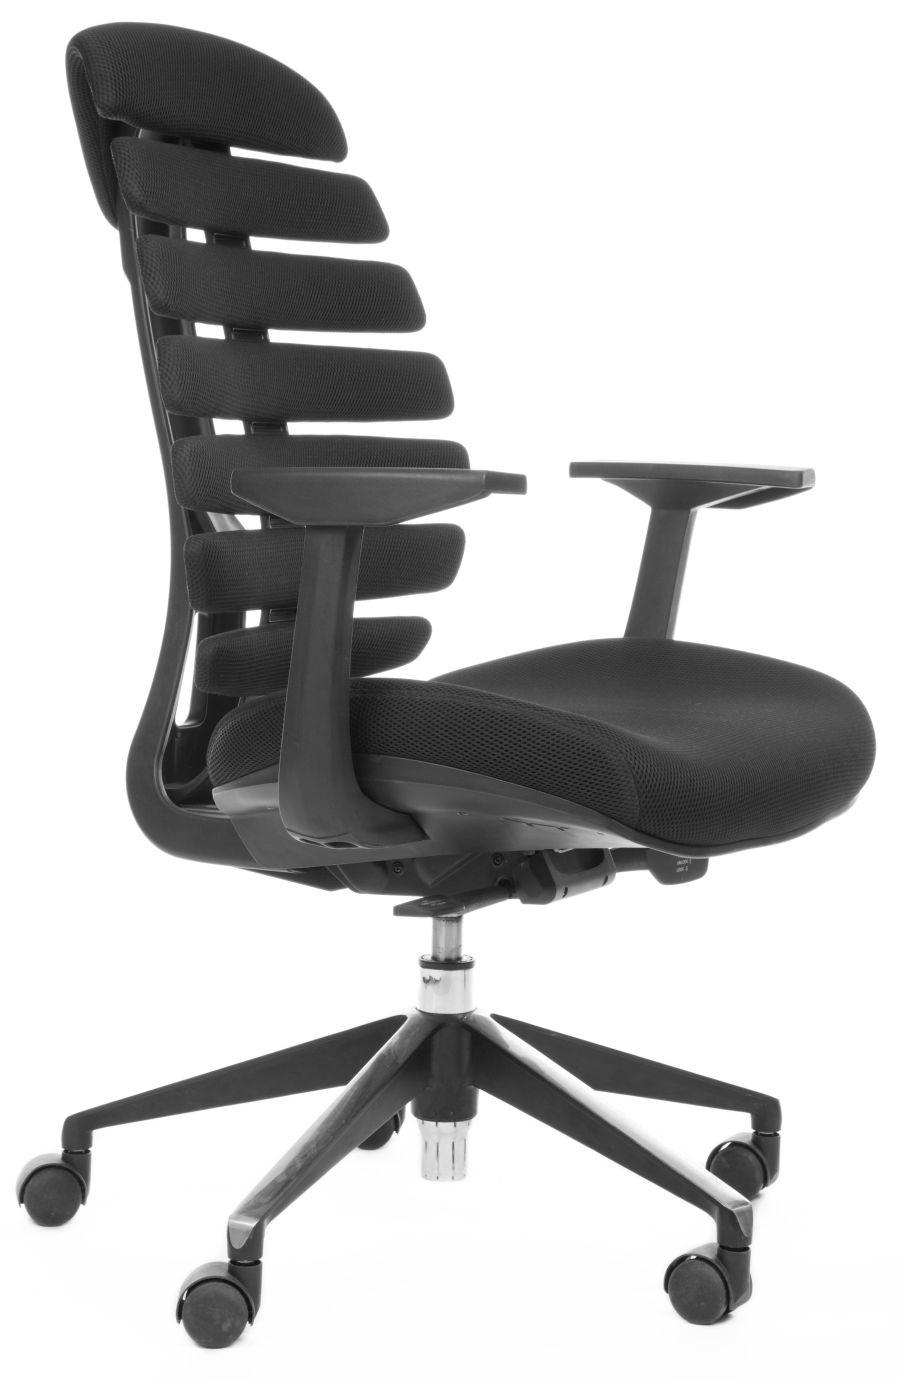 Kancelářská židle Node - Kancelářská židle FISH BONES černý plast